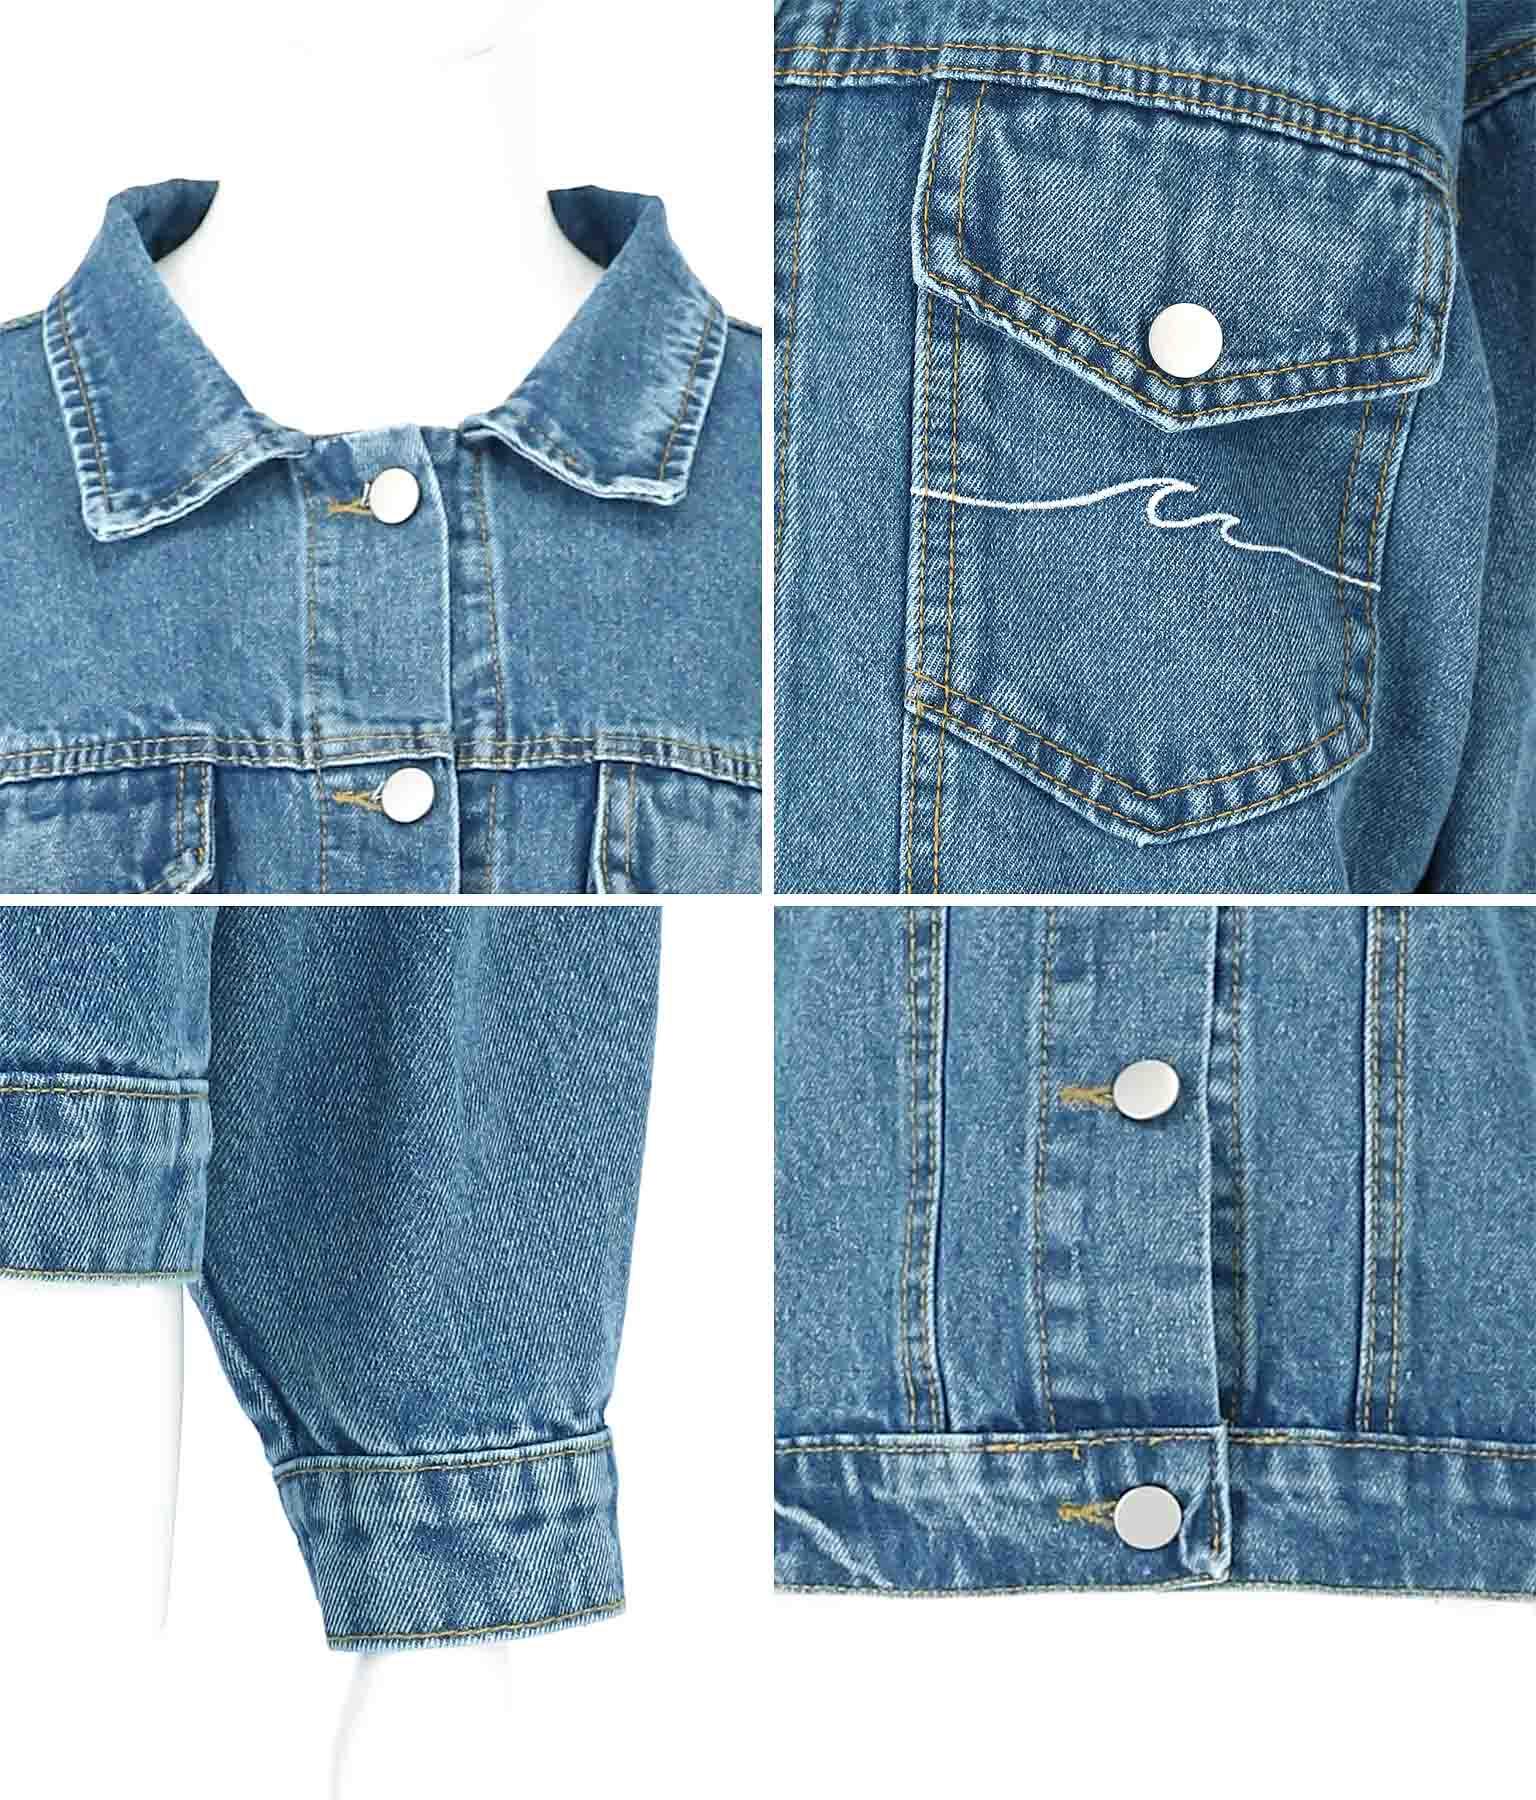 ウェーブ刺繍ドロップショルダーデニムジャケット(アウター(コート・ジャケット) /ジャケット・ブルゾン) | anap mimpi